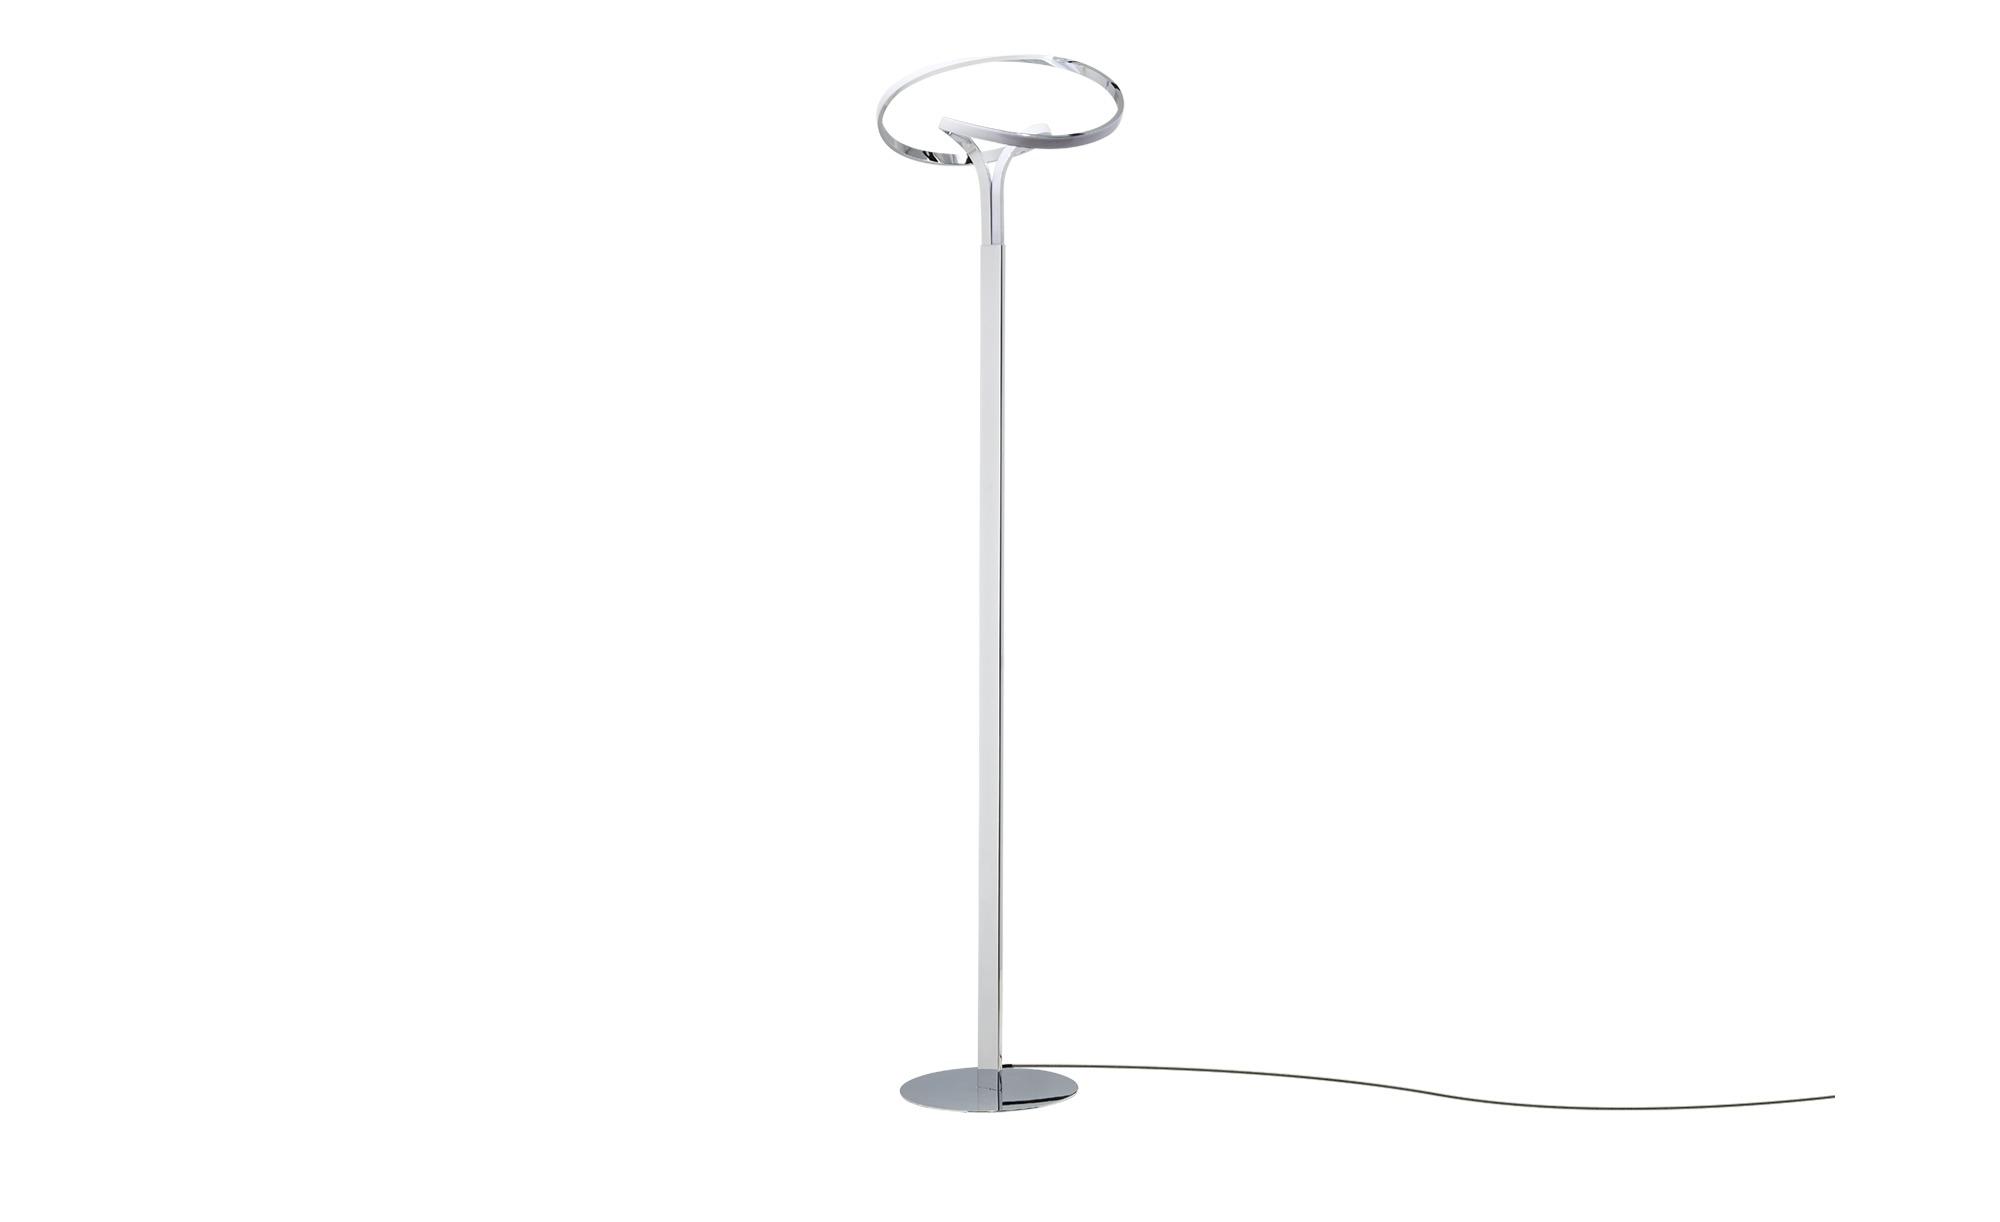 KHG LED-Stehleuchte geschwungen ¦ silber ¦ Maße (cm): B: 38 H: 152 Lampen & Leuchten > Innenleuchten > Stehlampen - Höffner